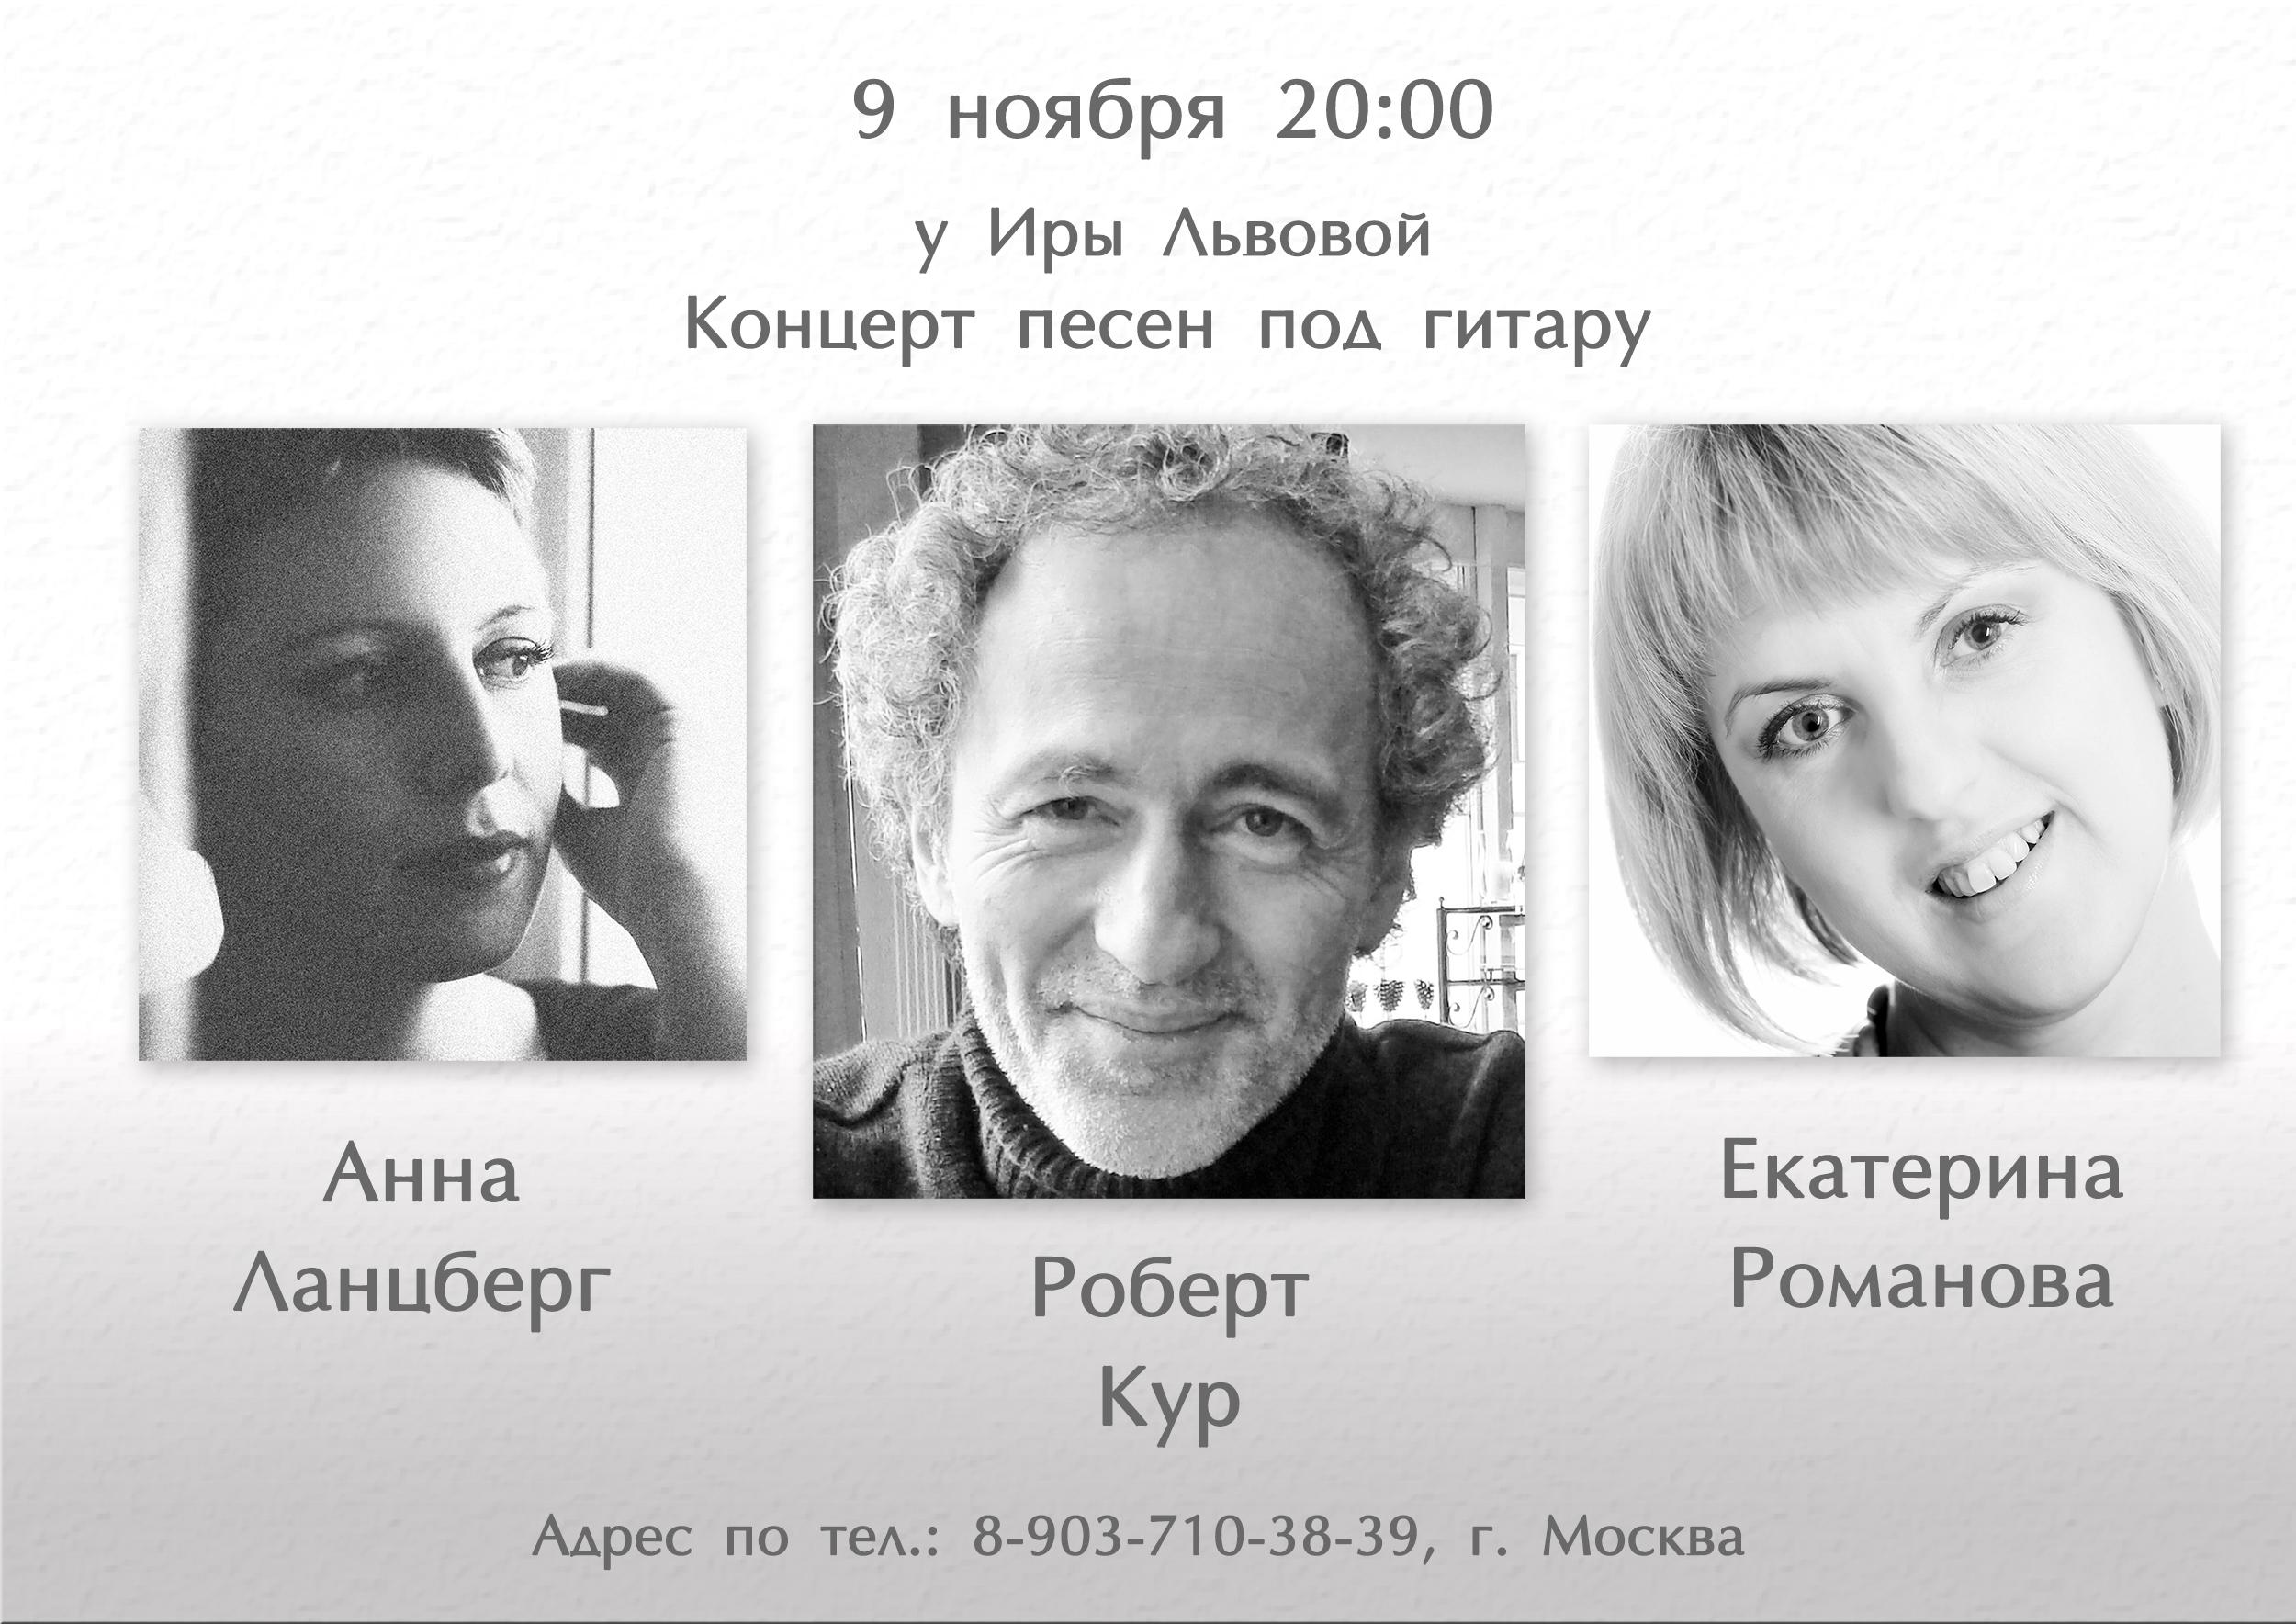 Роберт Кур, Анна Ланцберг и Екатерина Романова, г. Москва